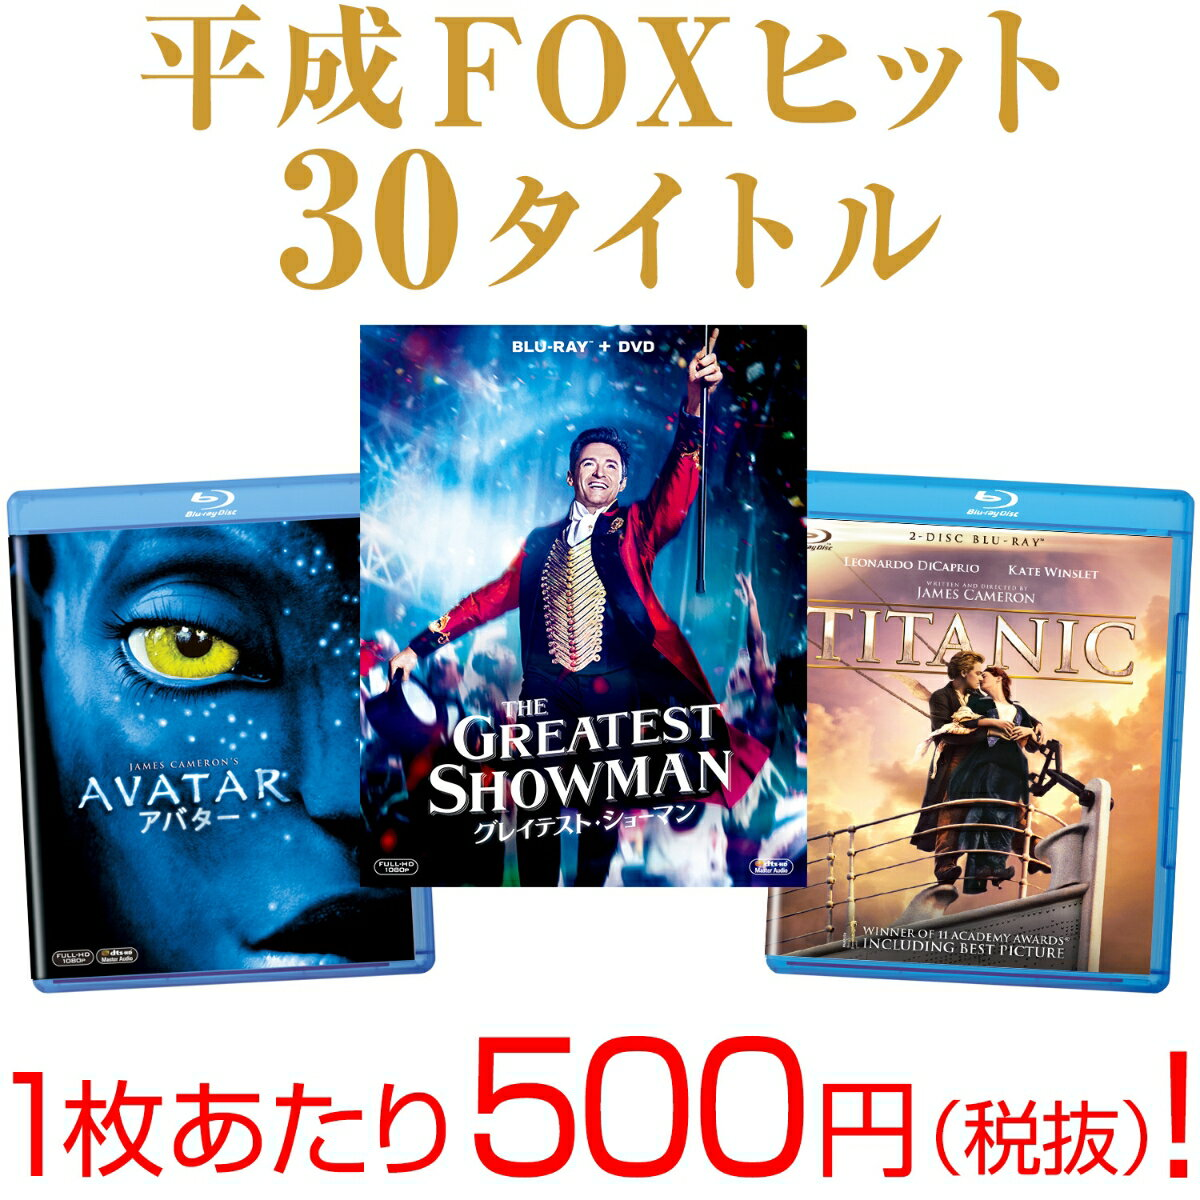 【セット組】20世紀FOX 平成ヒット30タイトルスペシャルセット